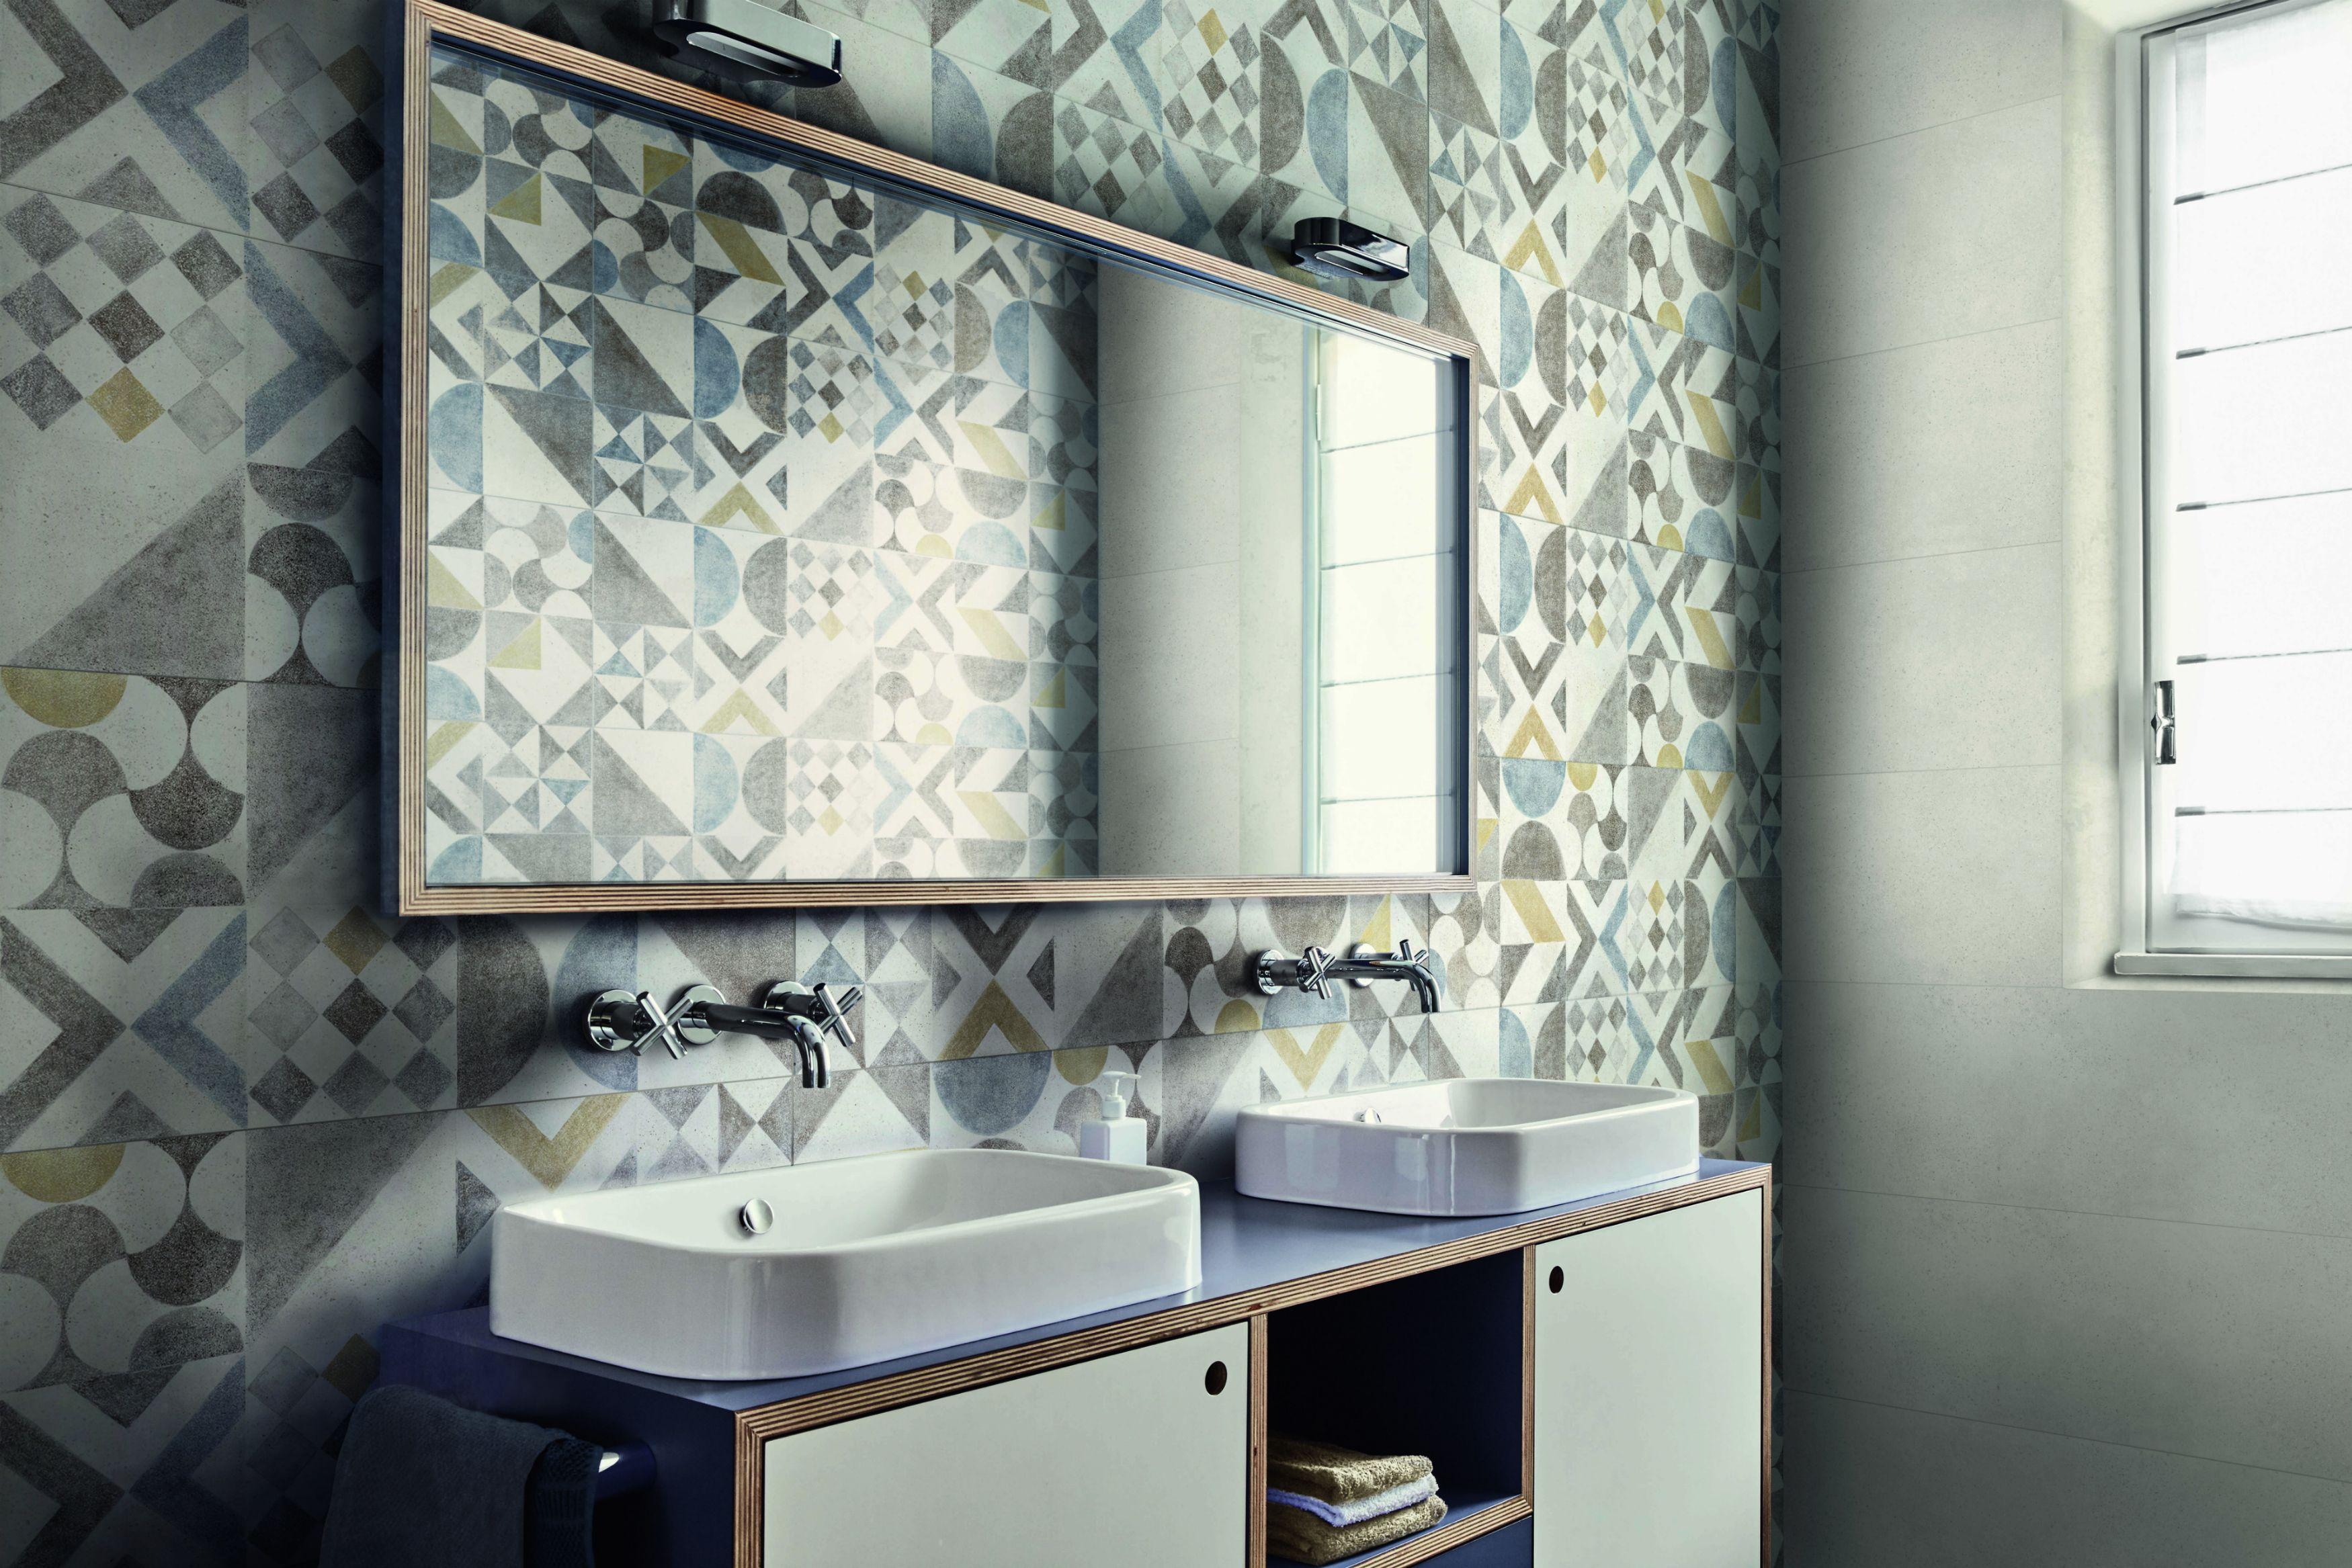 Piastrelle decorate novità per l arredo bagno